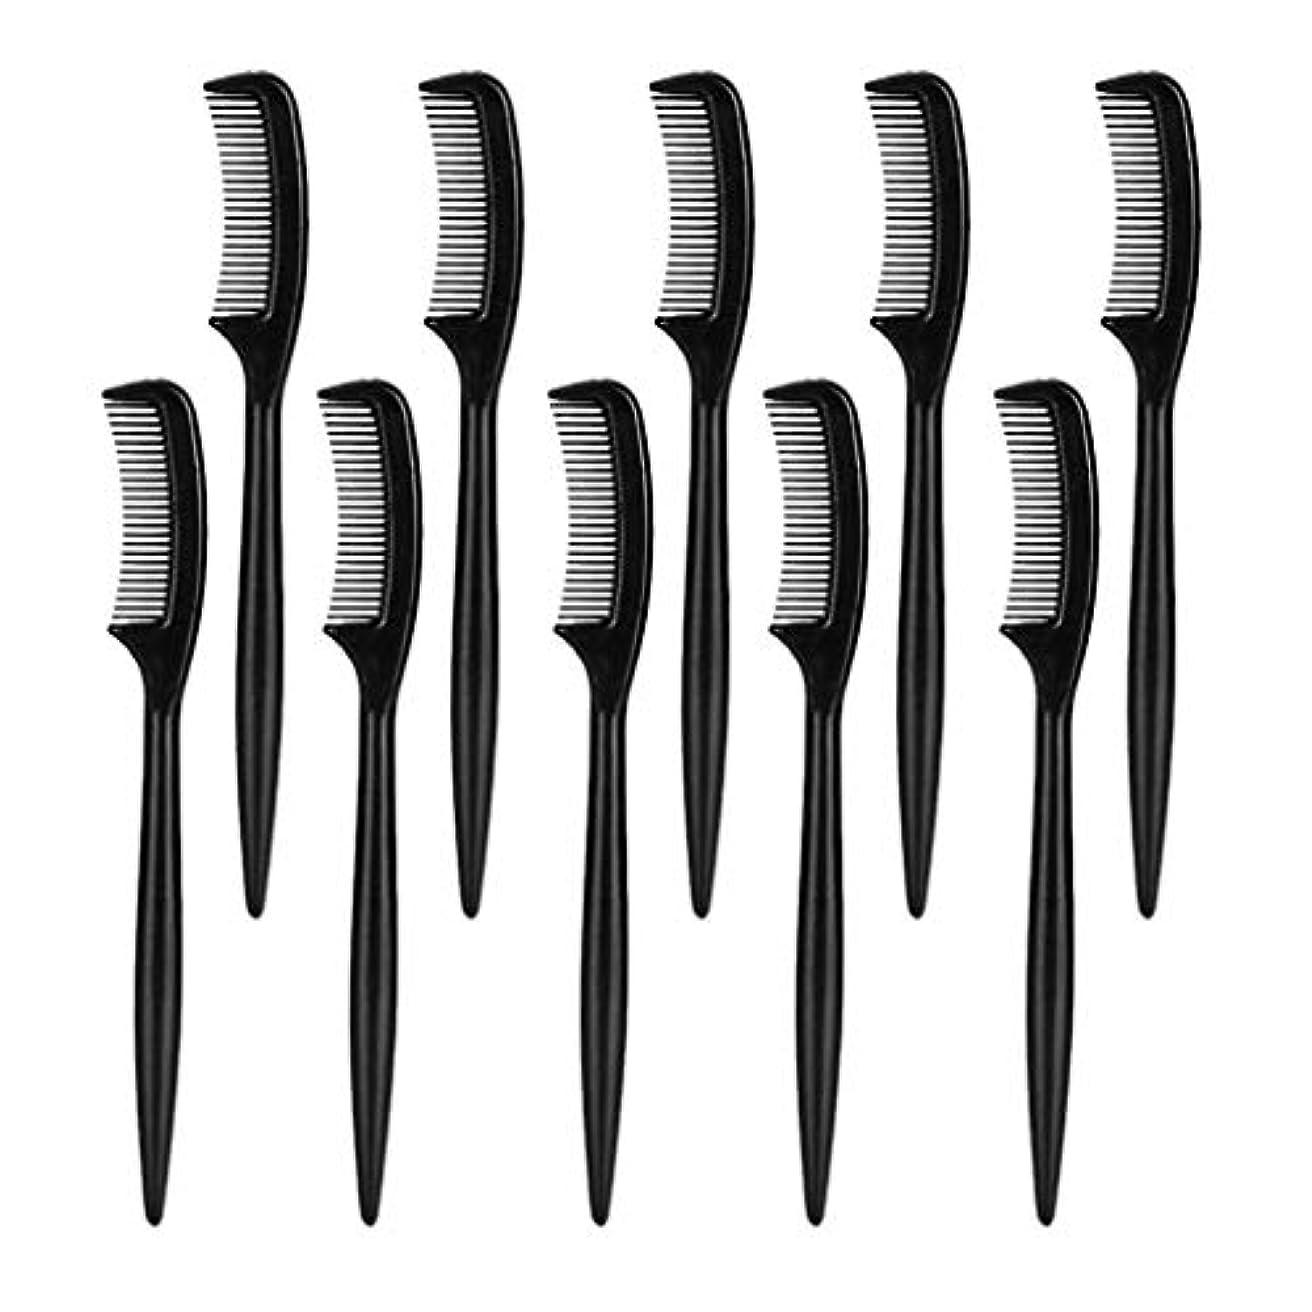 強風ホップ慣れている美容院の家の使用のための10部分のまつげ眉毛の使い捨て可能な櫛のブラシ